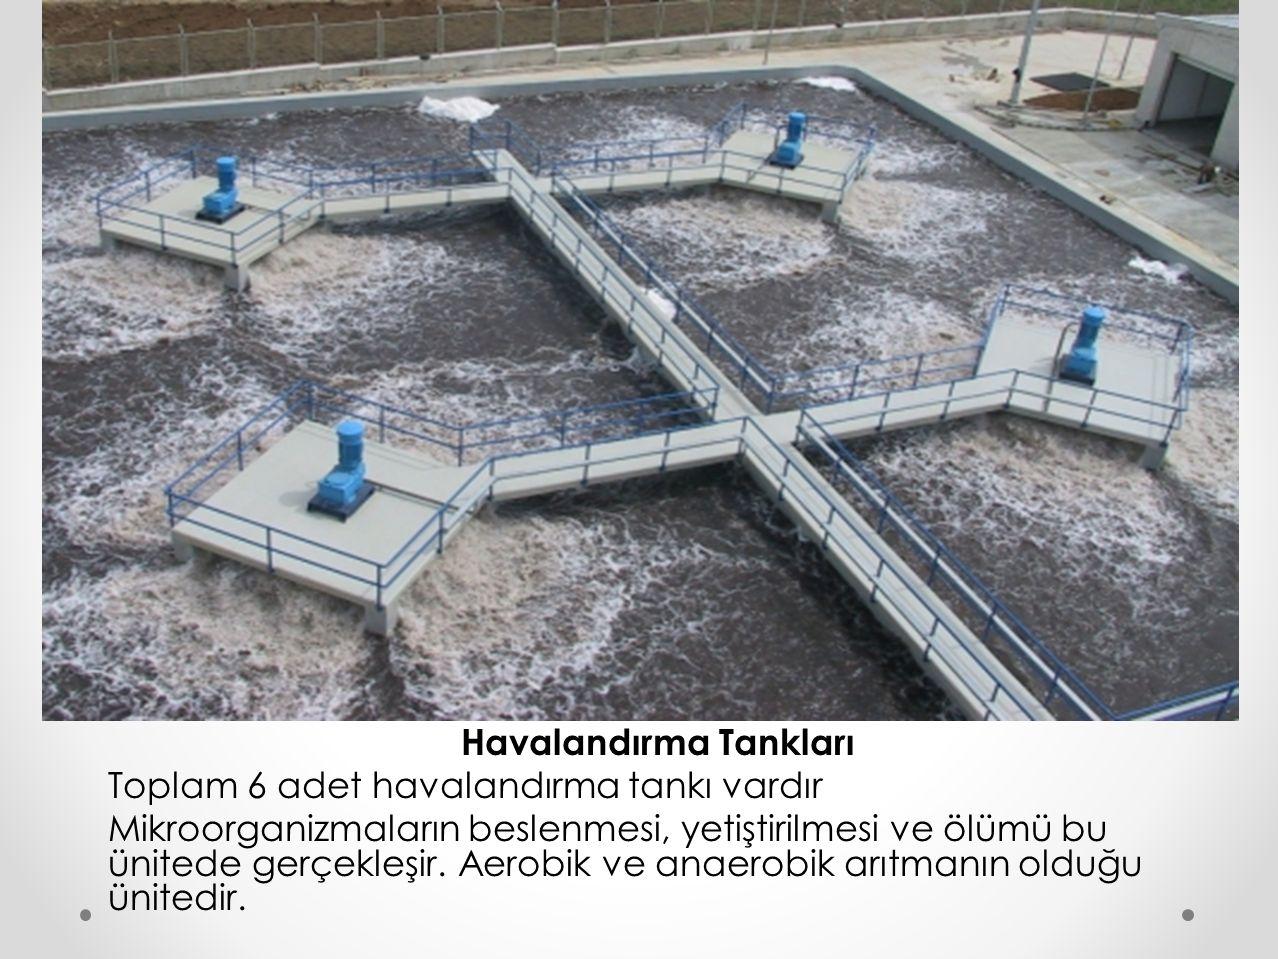 Havalandırma Tankları Toplam 6 adet havalandırma tankı vardır Mikroorganizmaların beslenmesi, yetiştirilmesi ve ölümü bu ünitede gerçekleşir. Aerobik